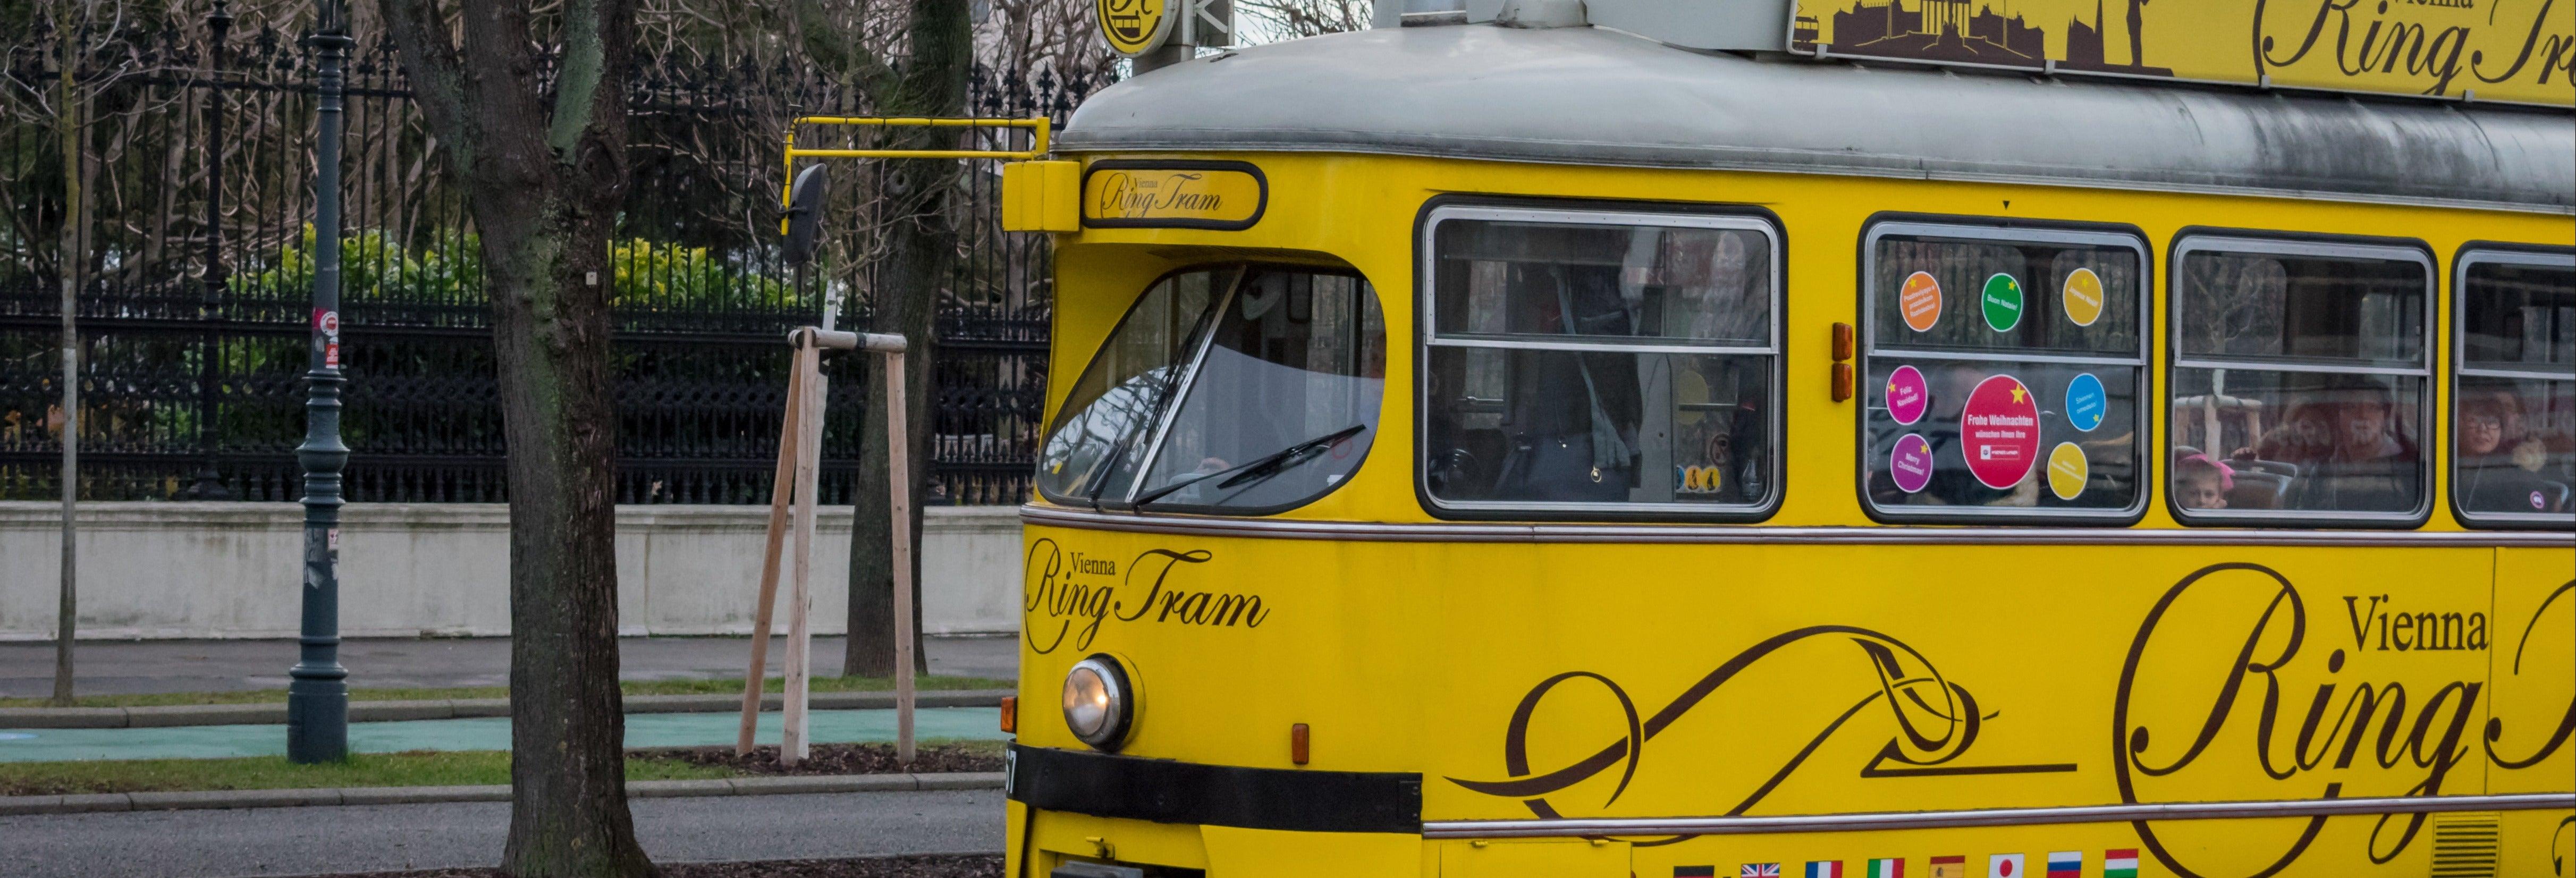 Tramway touristique de Vienne